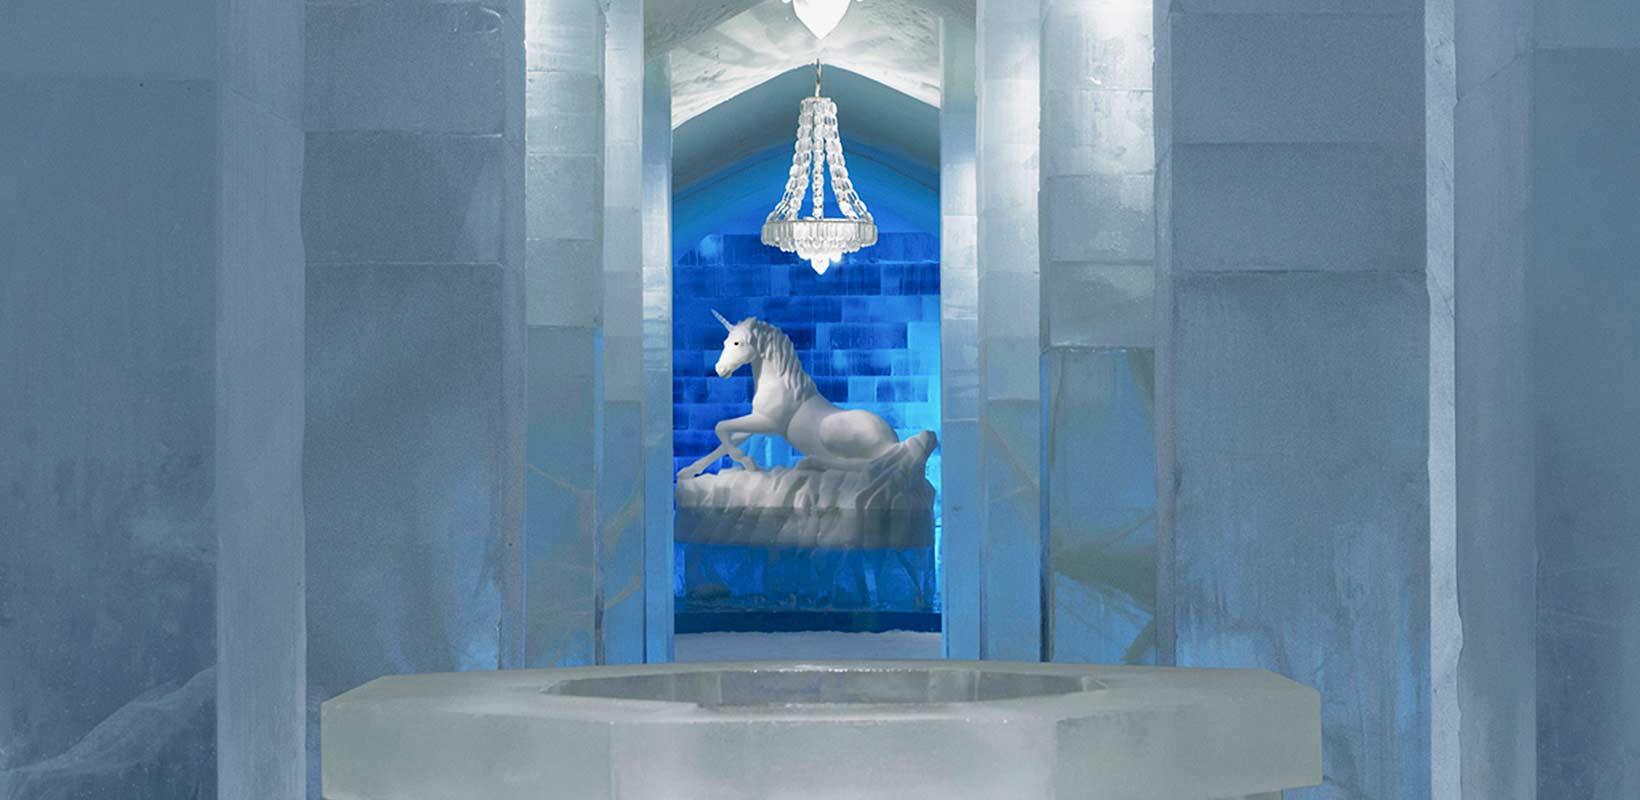 Ice hotel Unicorn entrance